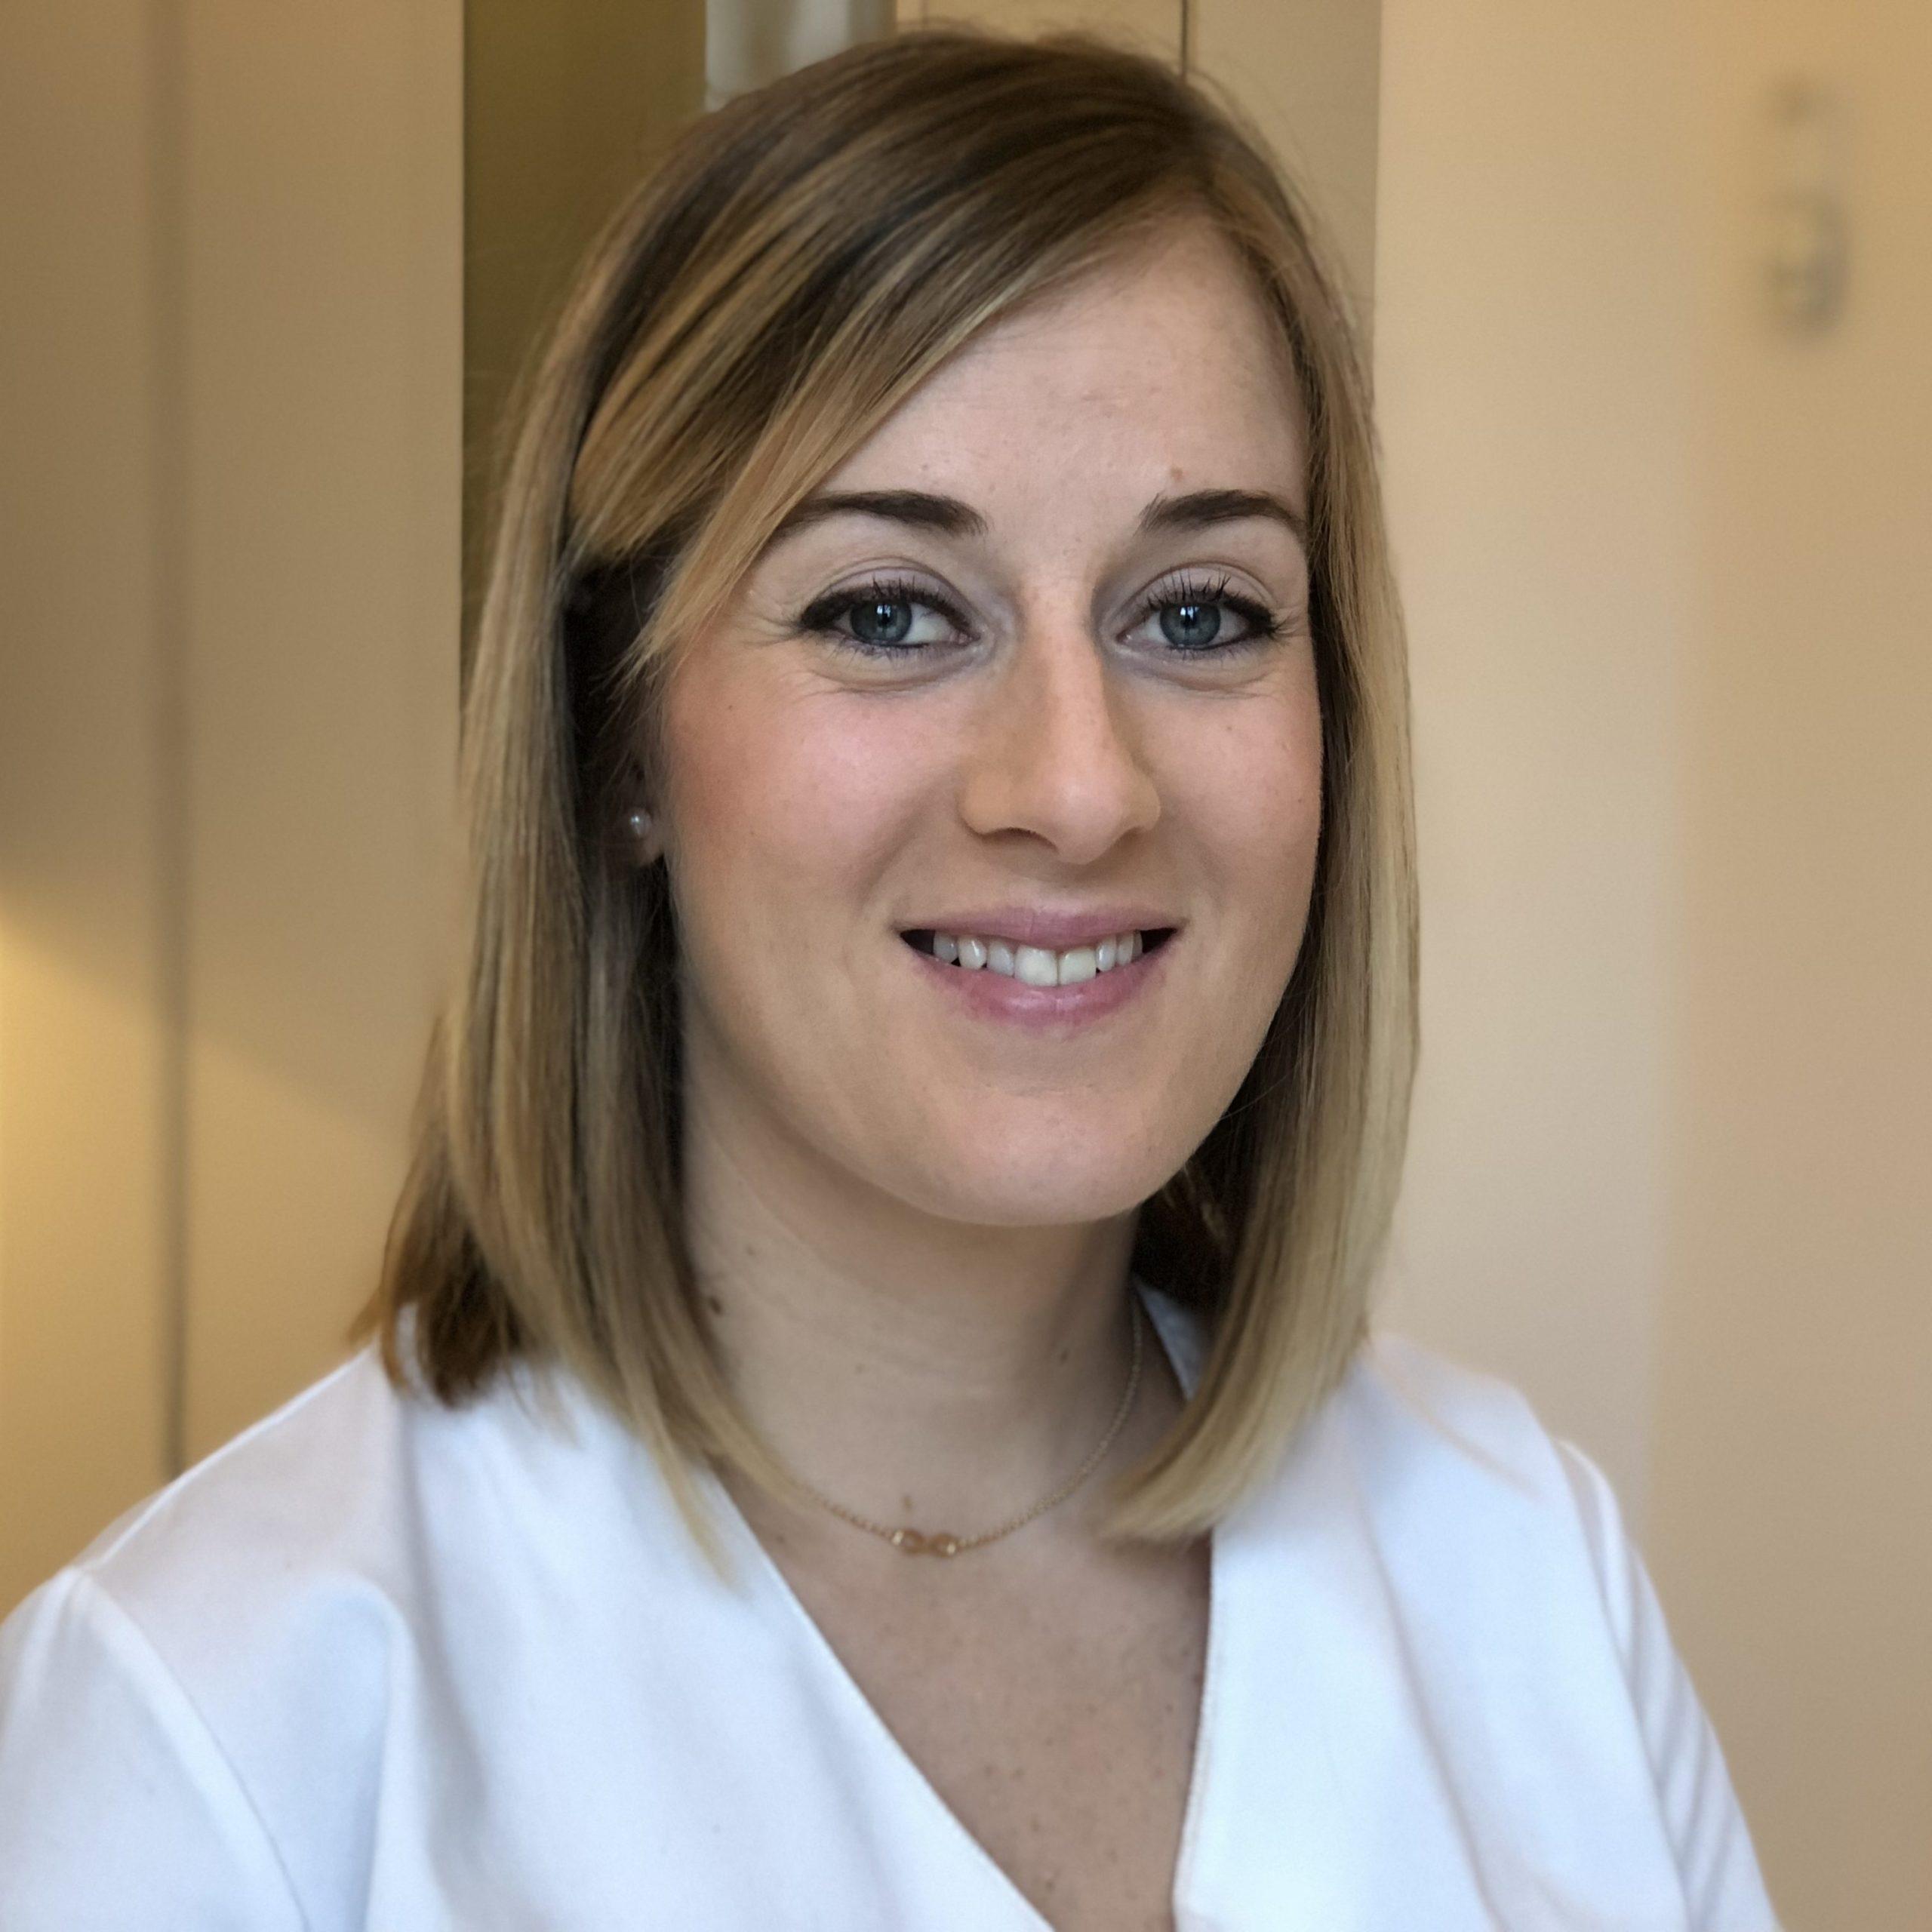 Mariona Herranz, auxiliar sanitaria y especialista en micropigmentación láser en el Centro de Medicina Estética Dra. Escoda